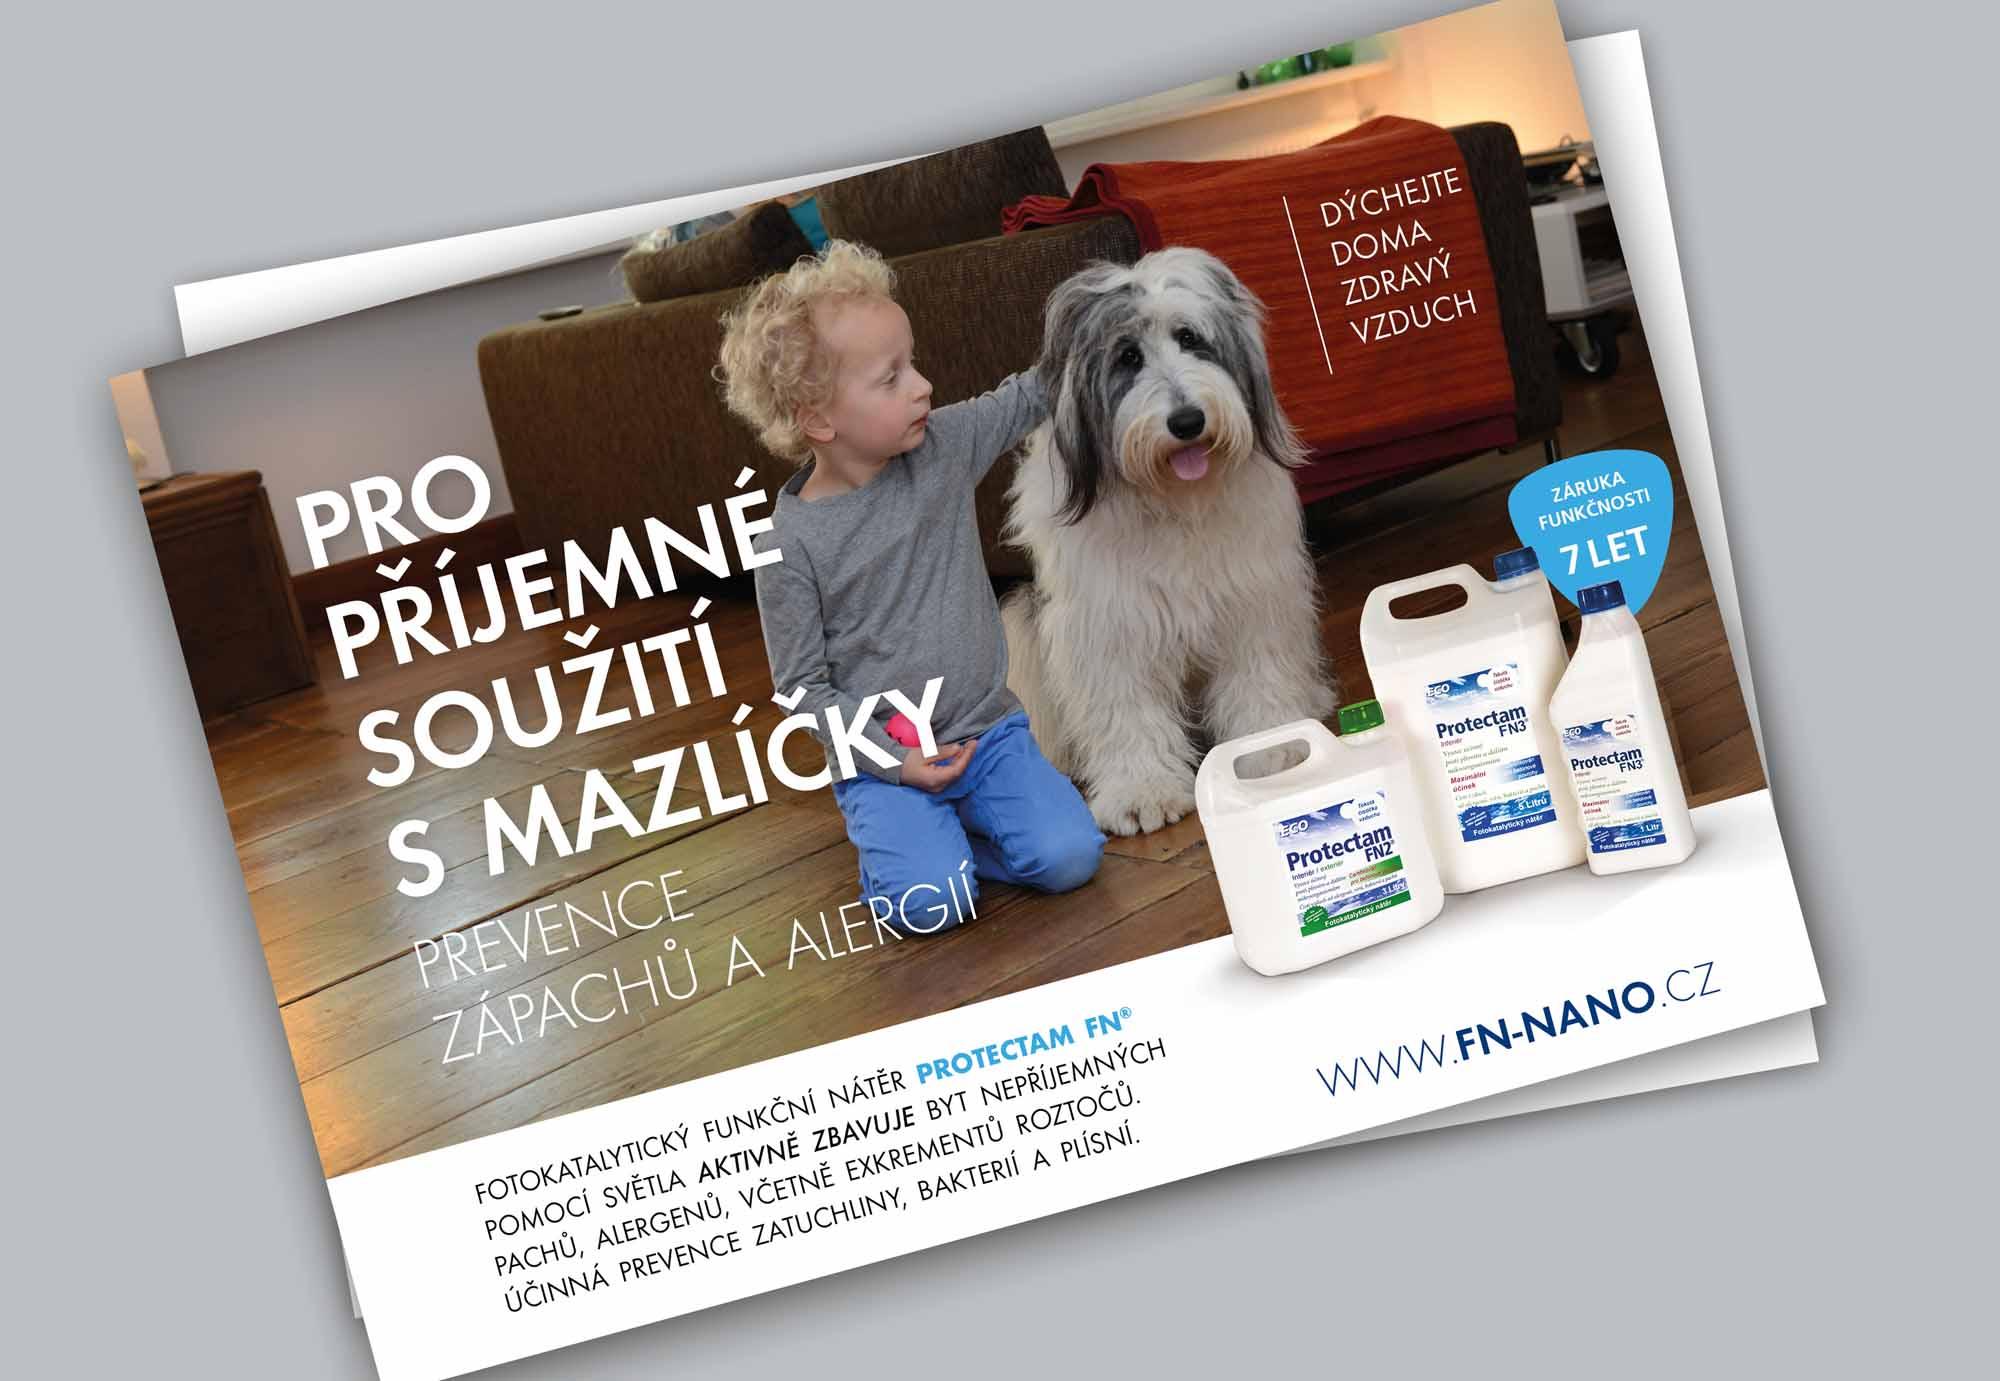 letaky-mazlicci